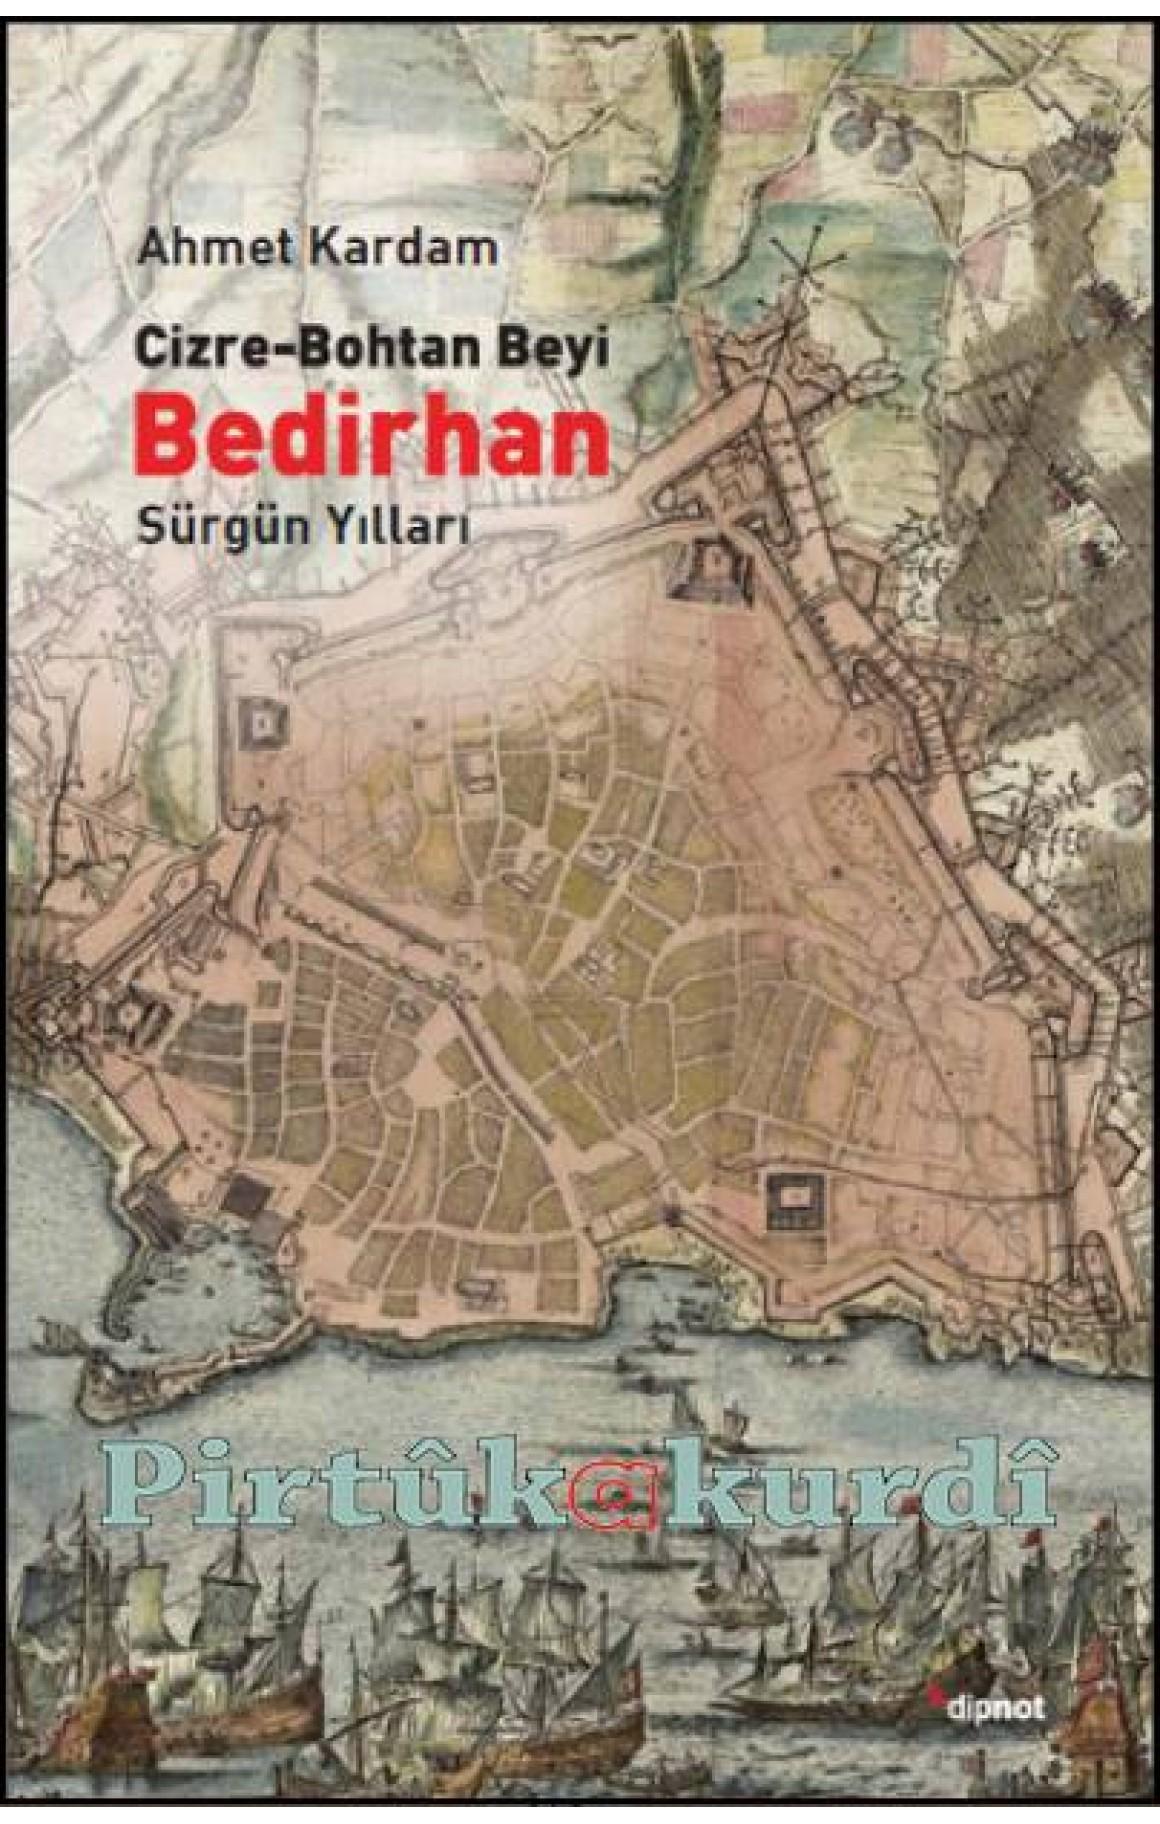 Cizre - Bohtan Beyi Bedirhan- Sürgün Yılları